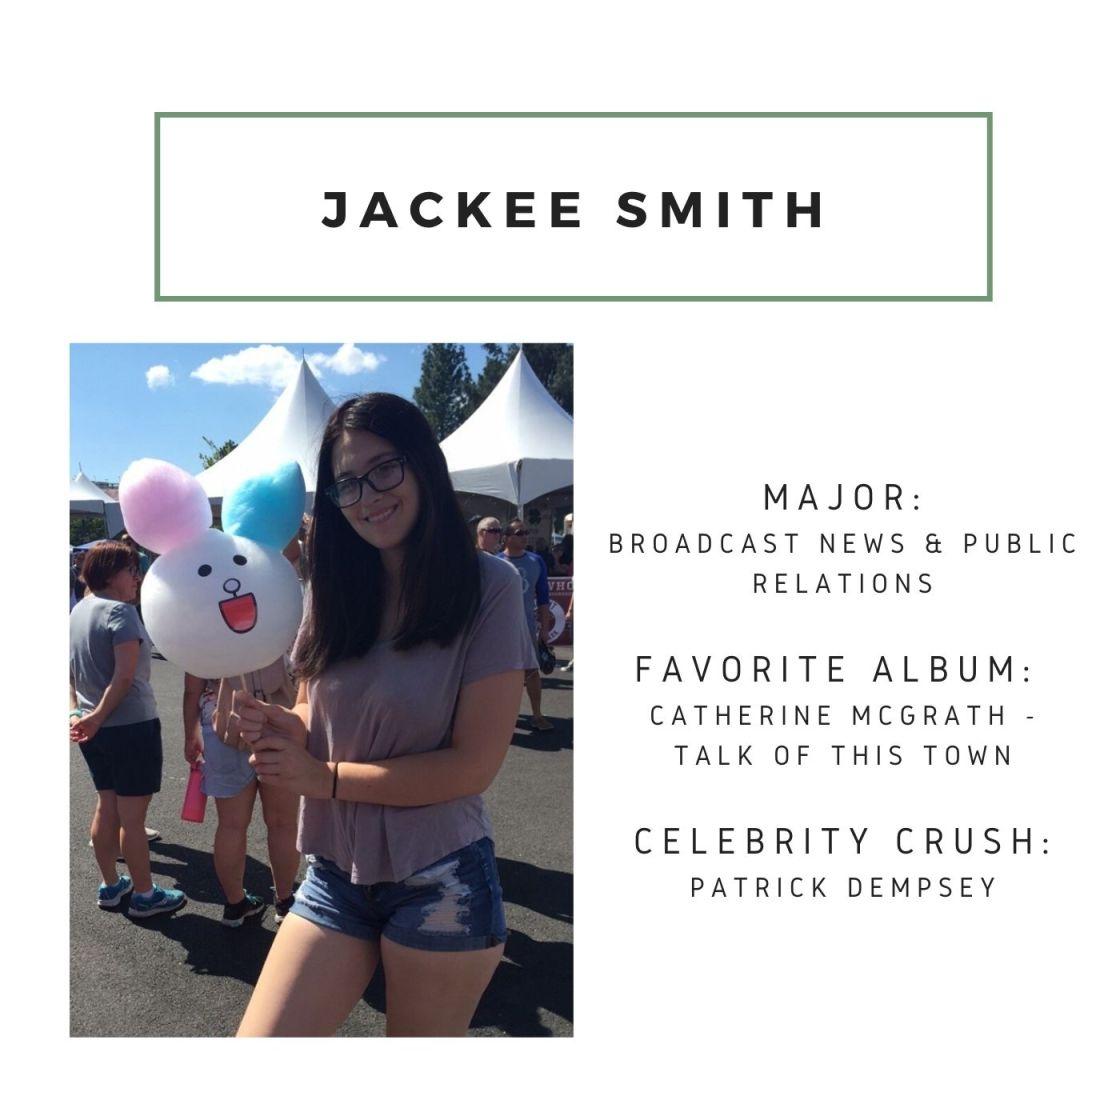 Jackee Smith